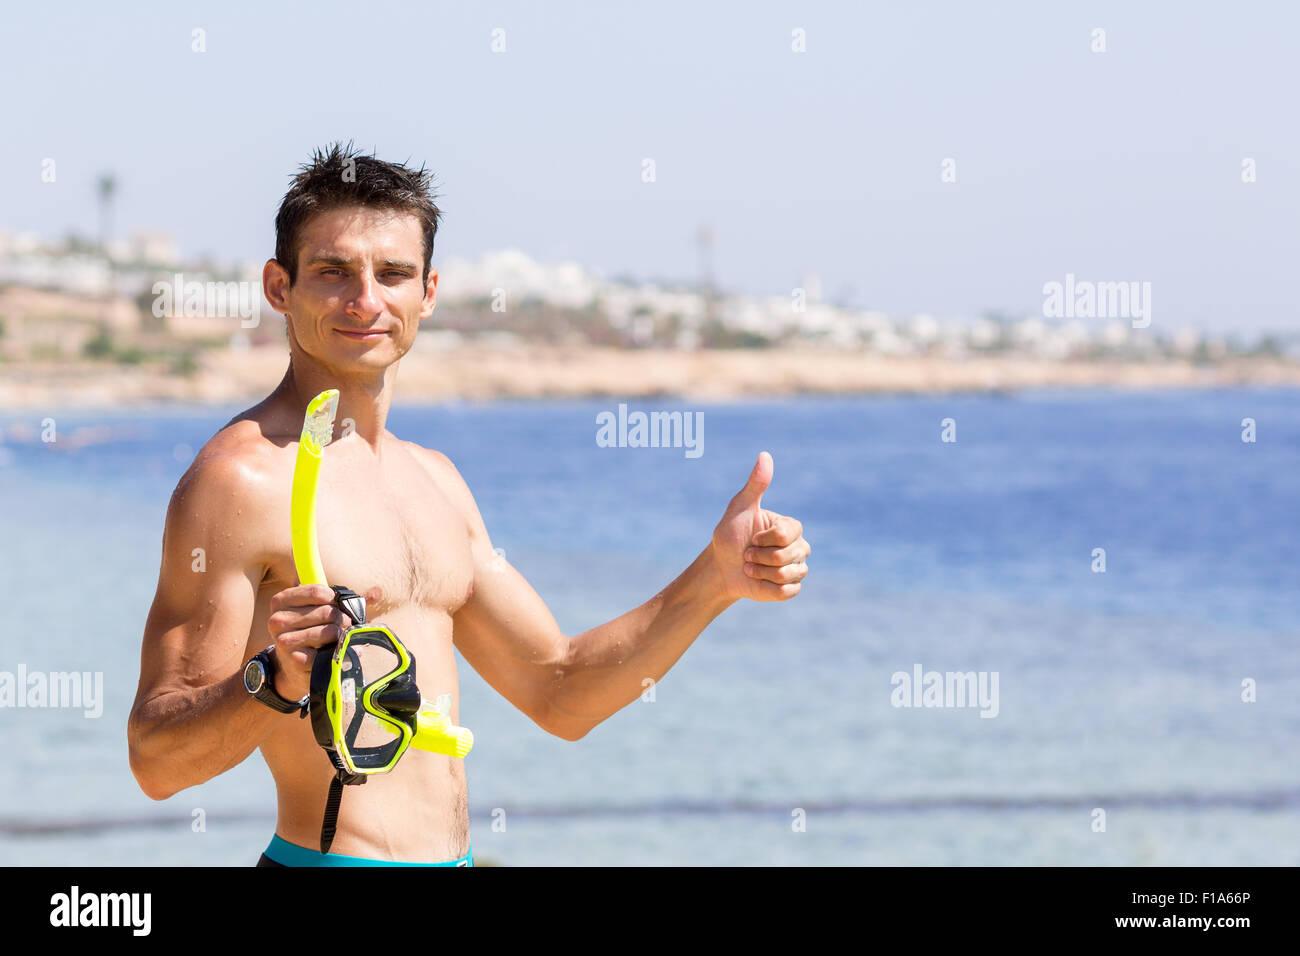 Giovane uomo sorridente detiene l'equipaggiamento da snorkeling e mostra il pollice verso l'alto. La vacanza Immagini Stock